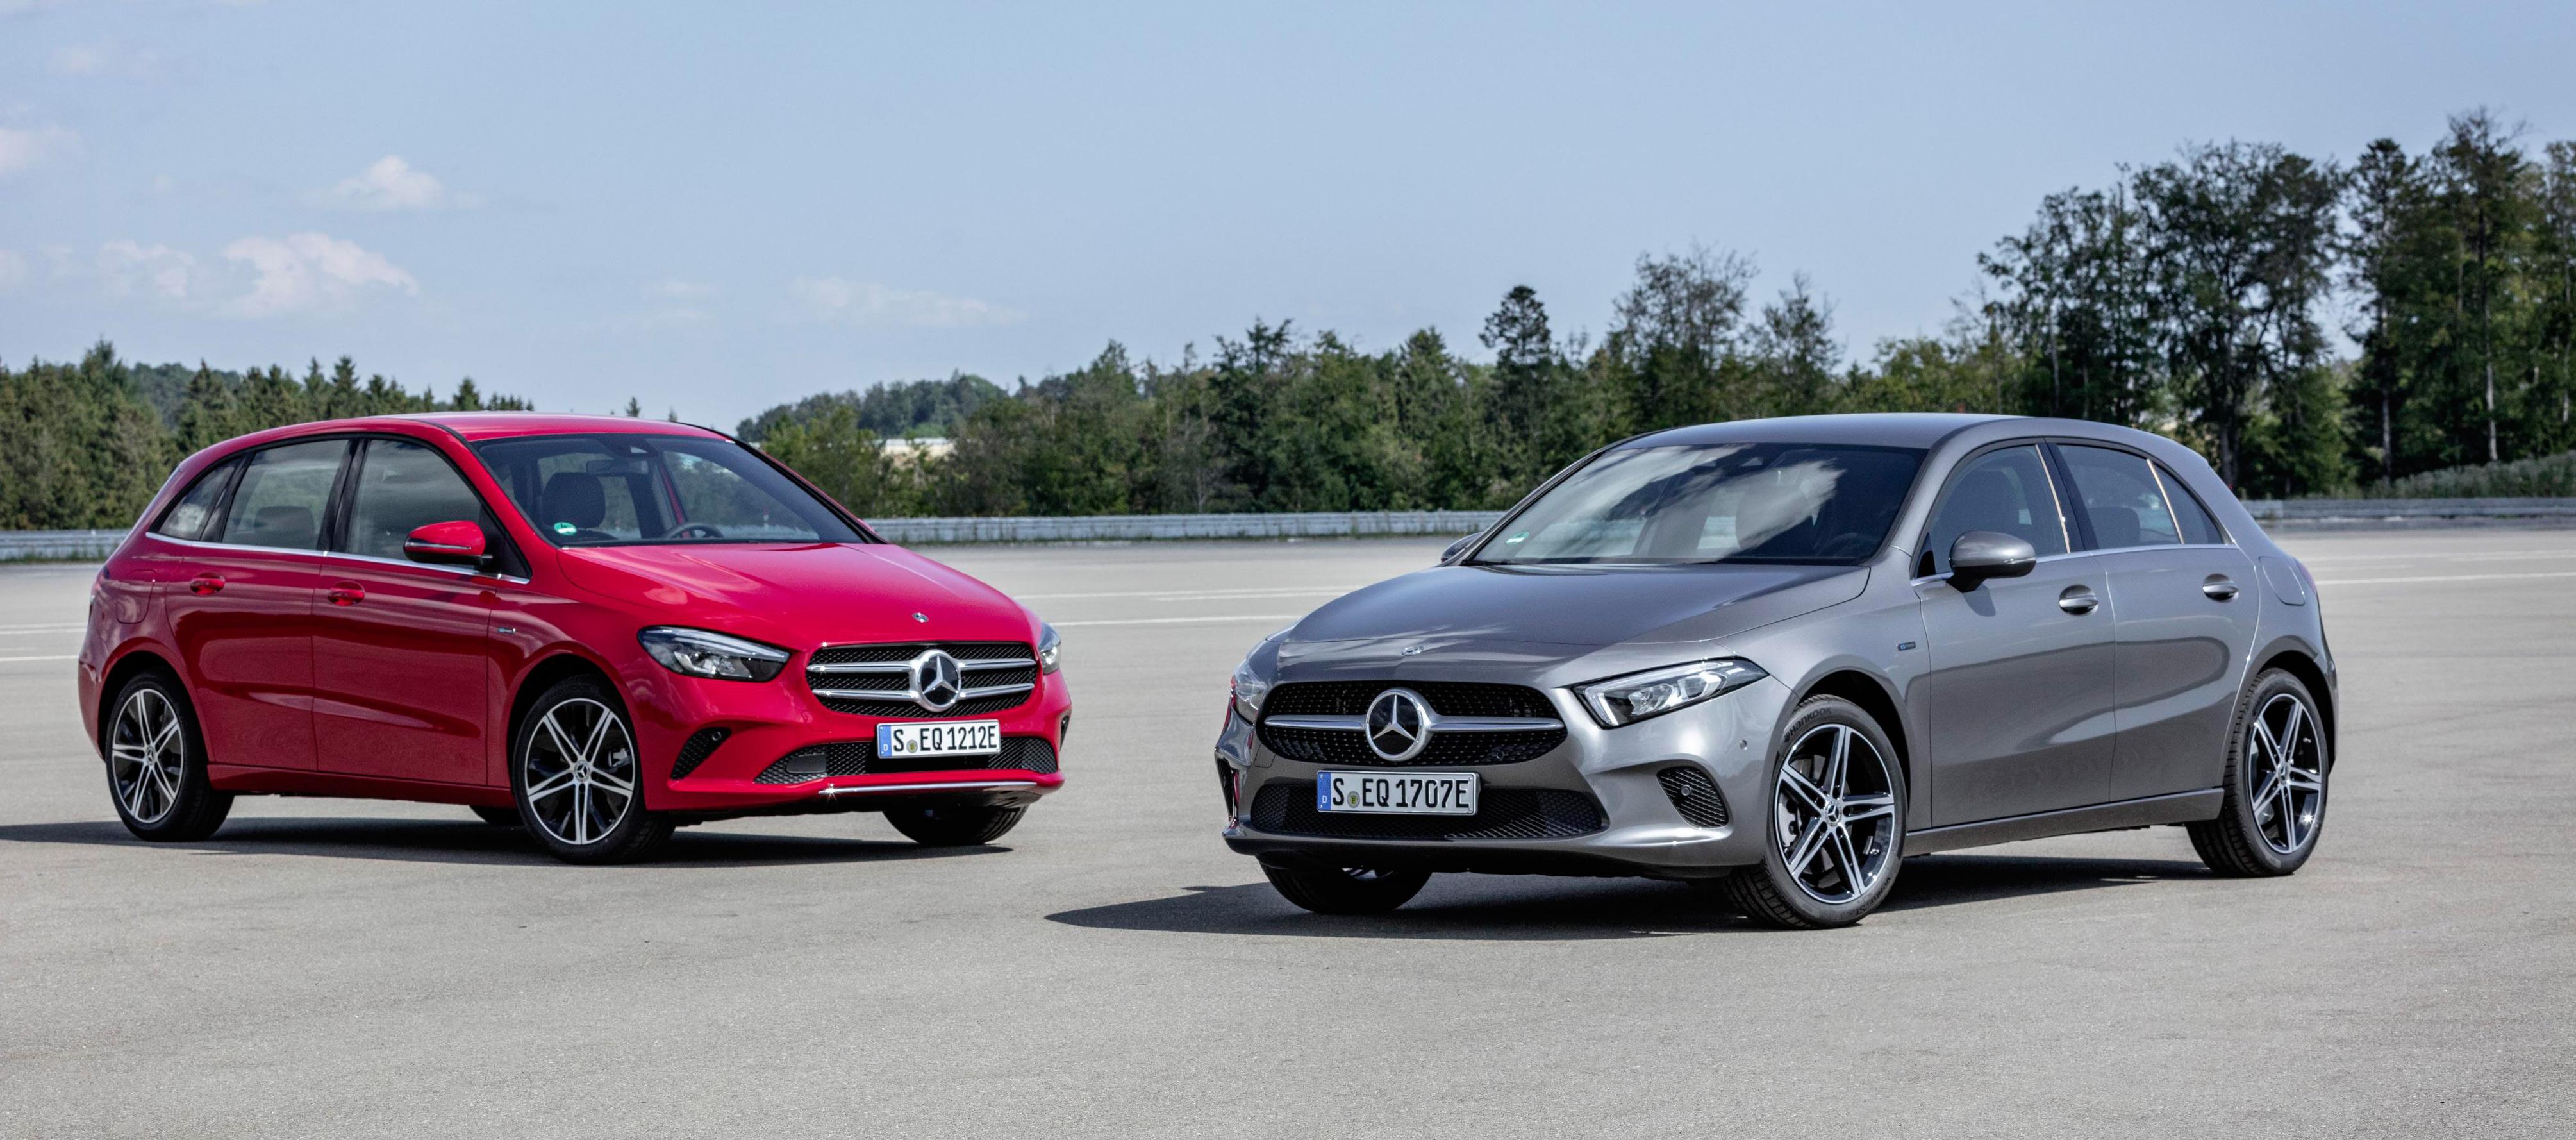 Mercedes-Benz Clase A y B EQ Power